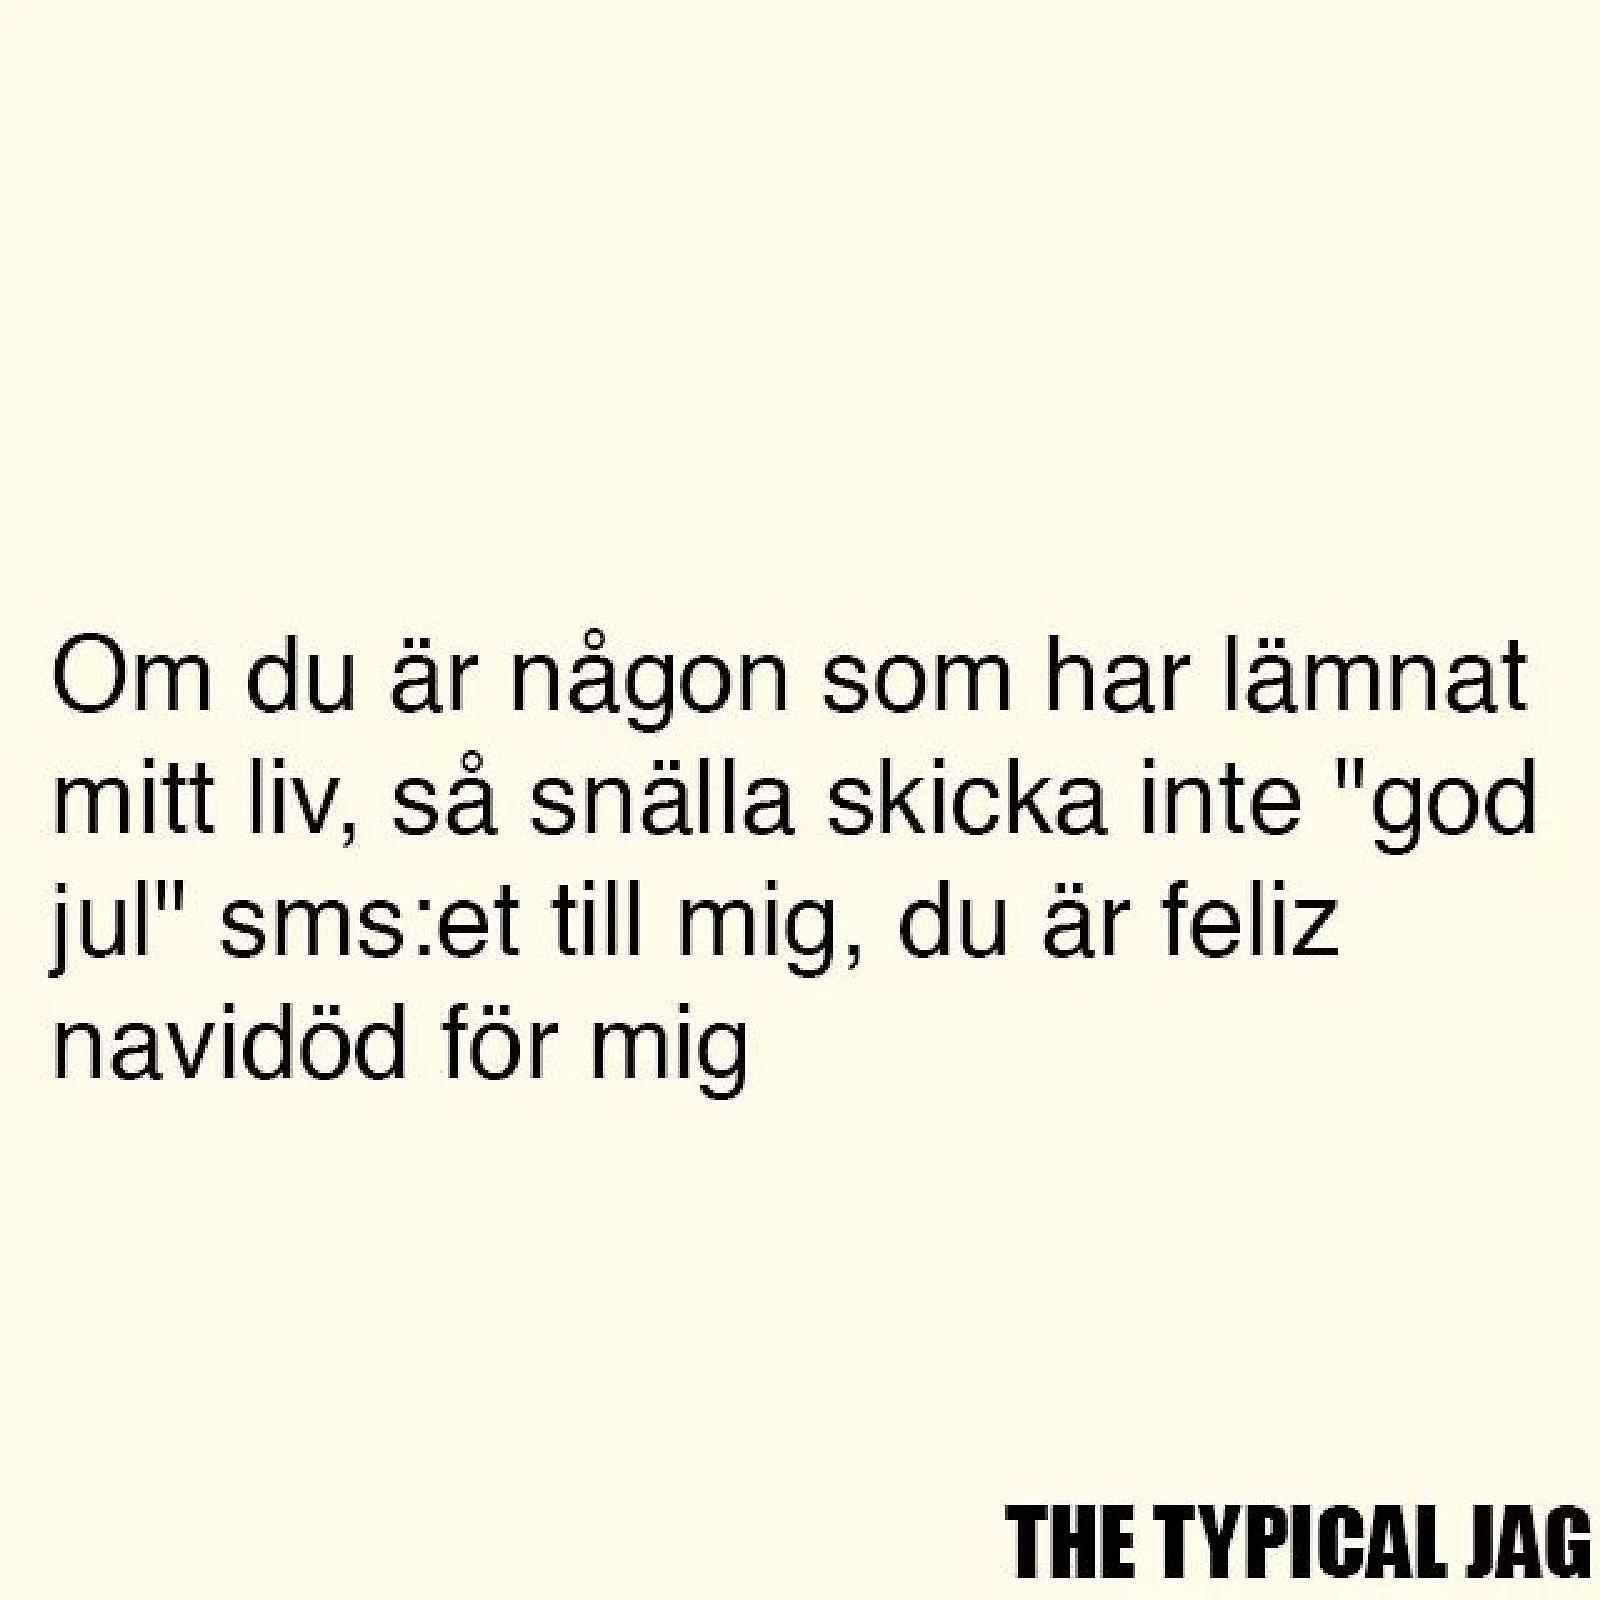 Feliz Navidöd..